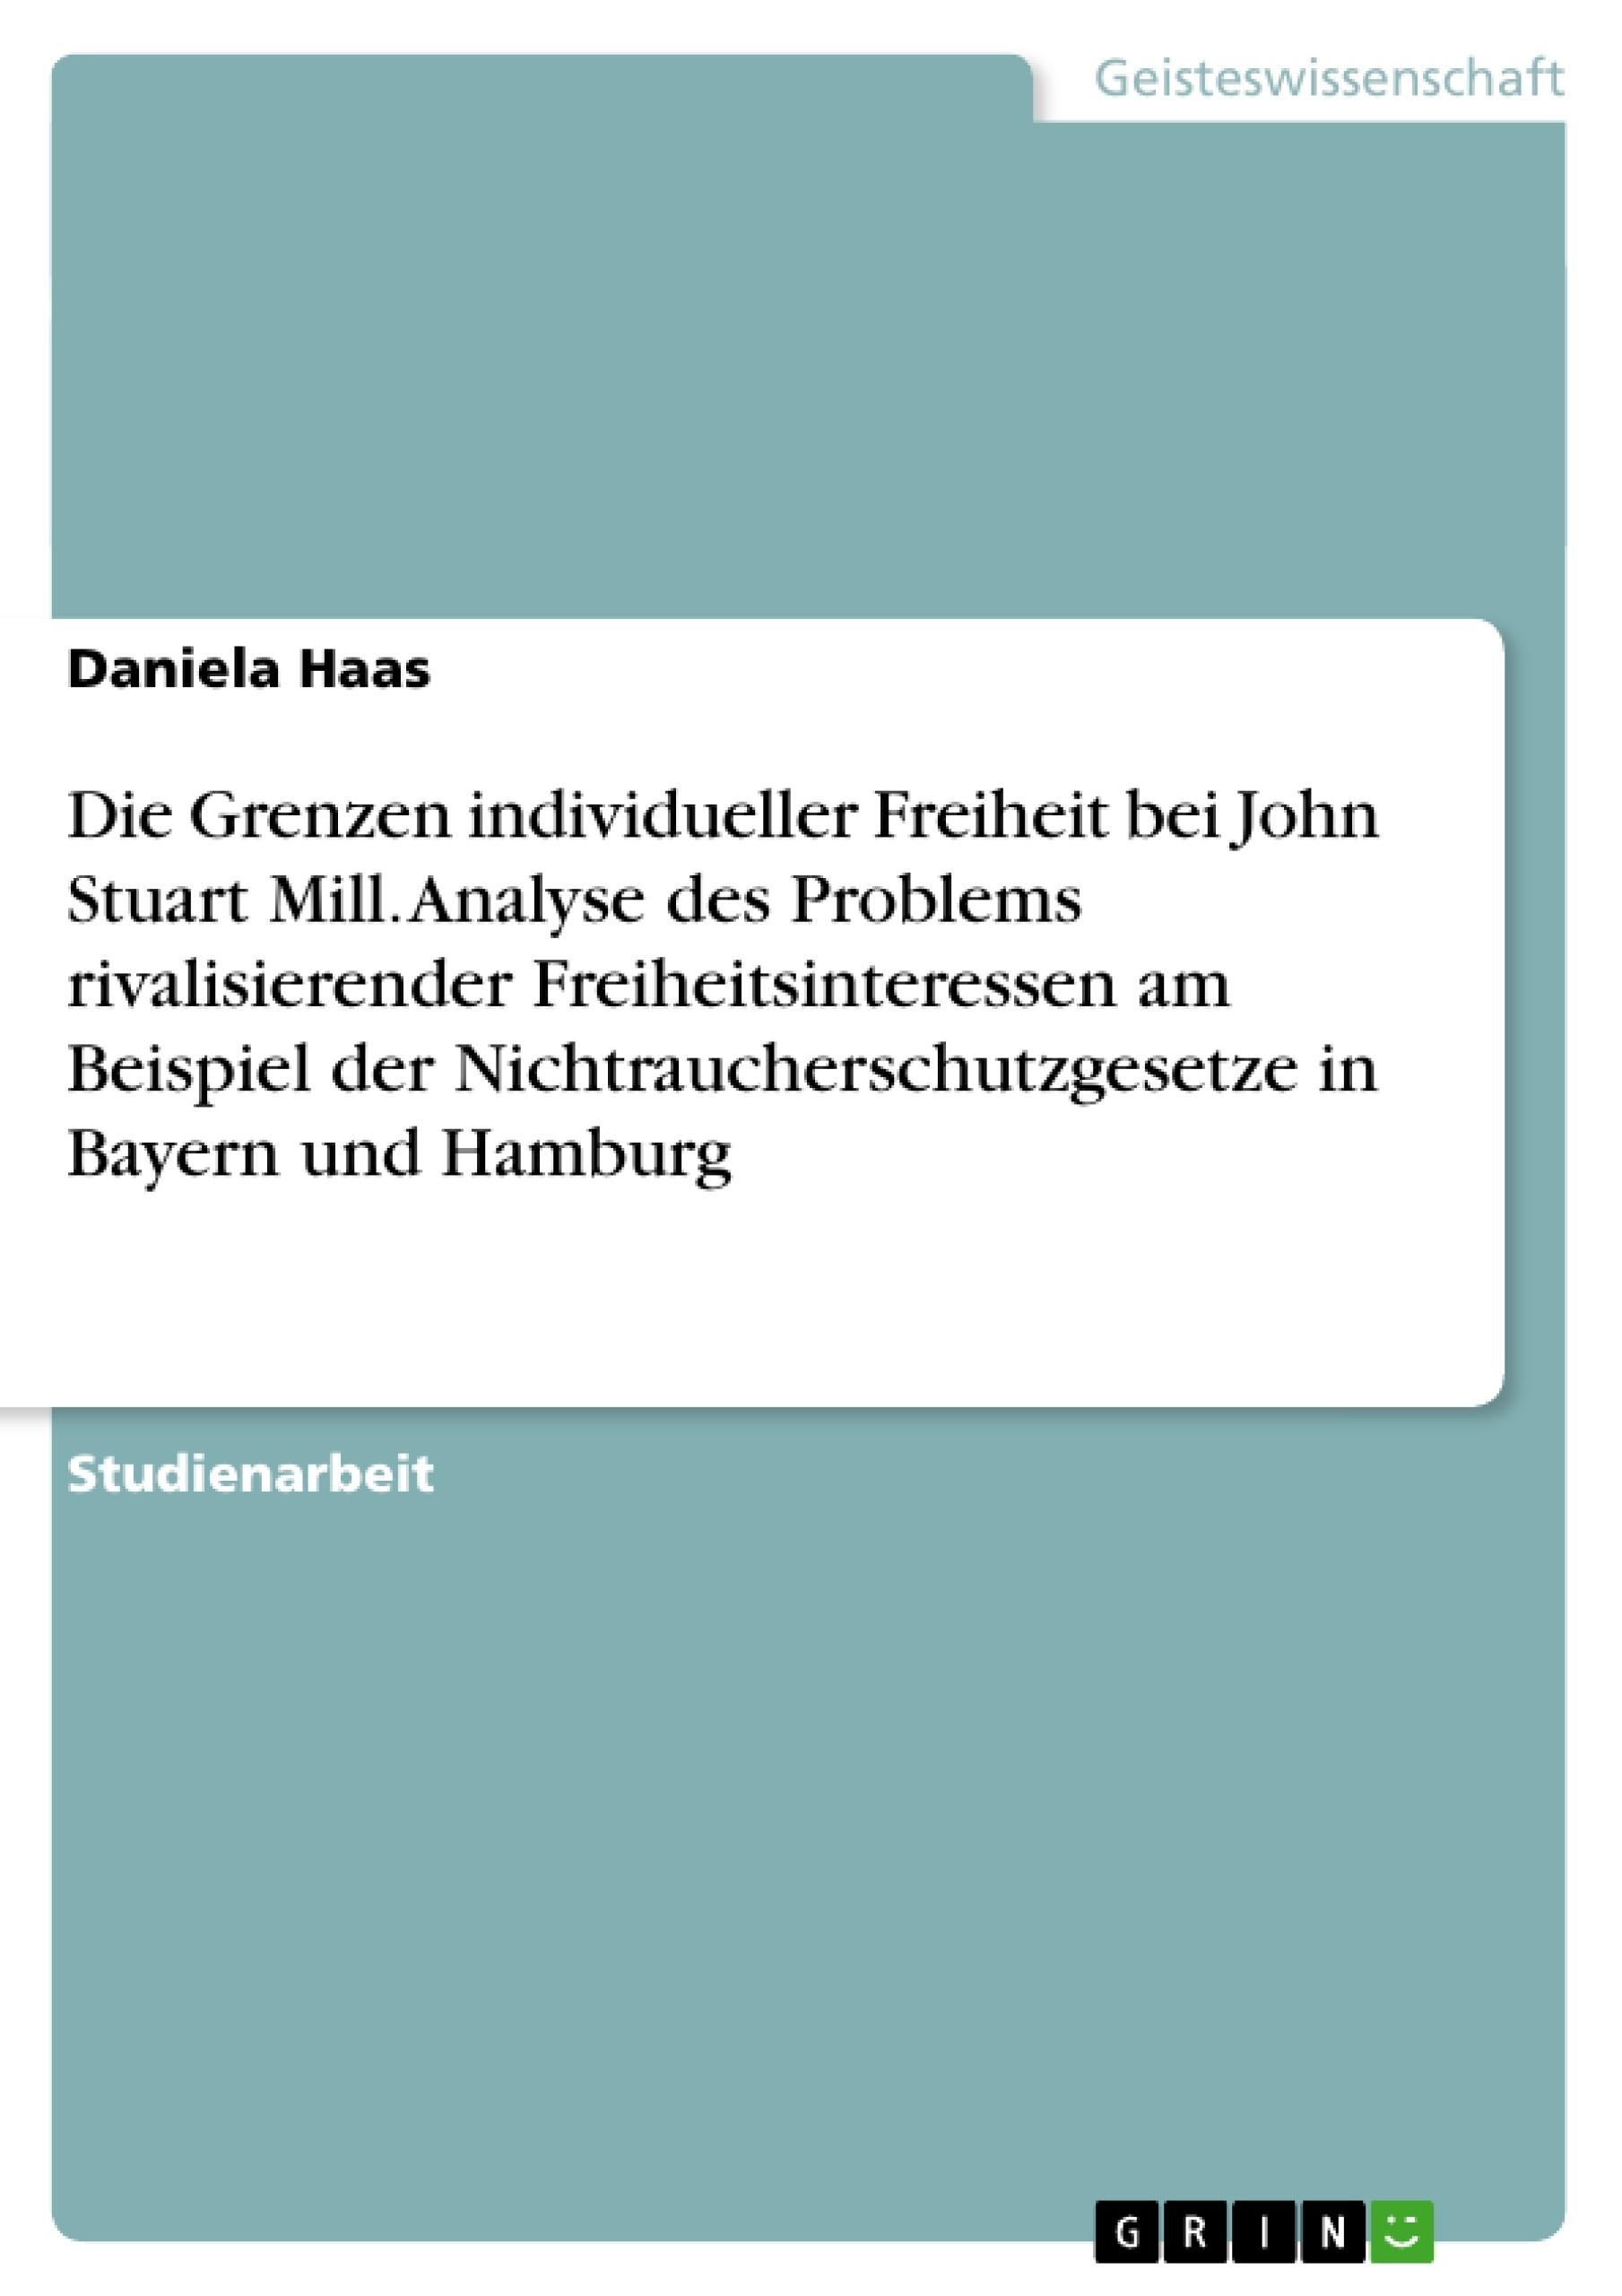 Titel: Die Grenzen individueller Freiheit bei John Stuart Mill. Analyse des Problems rivalisierender Freiheitsinteressen am Beispiel der  Nichtraucherschutzgesetze in Bayern und Hamburg